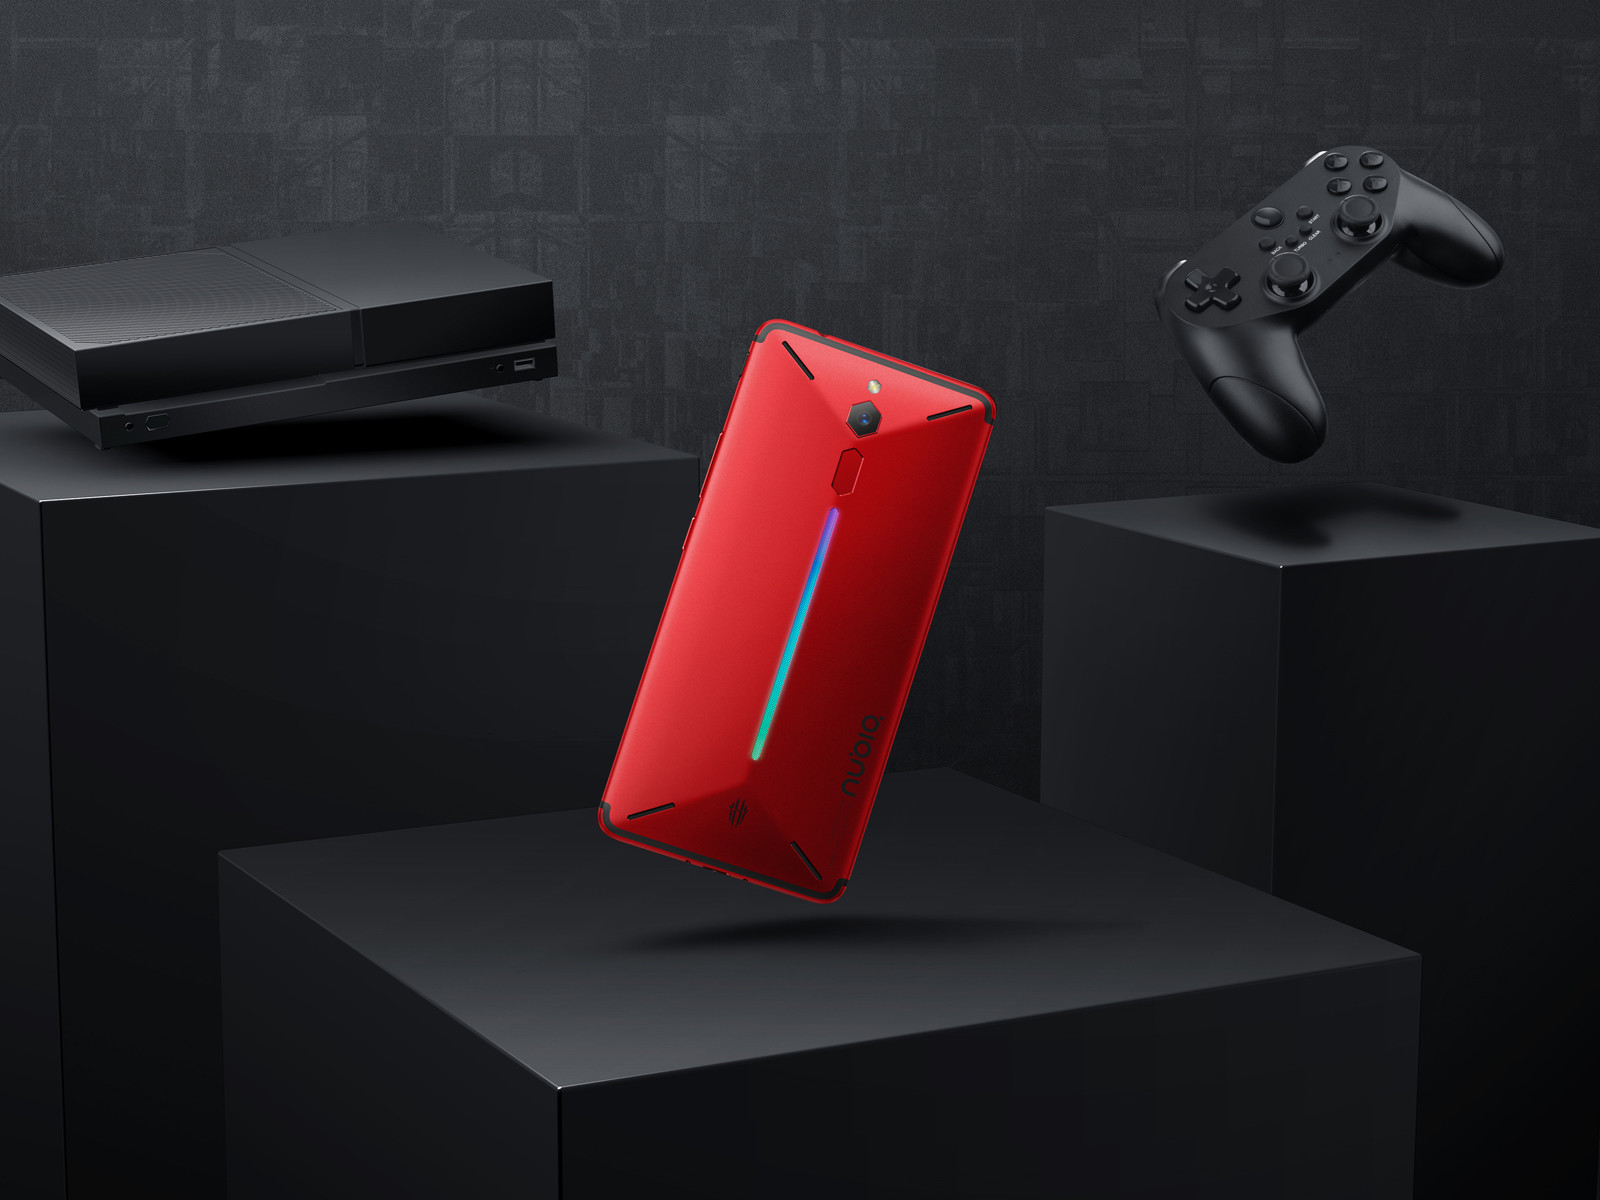 努比亚红魔电竞游戏手机(64GB)整体外观第6张